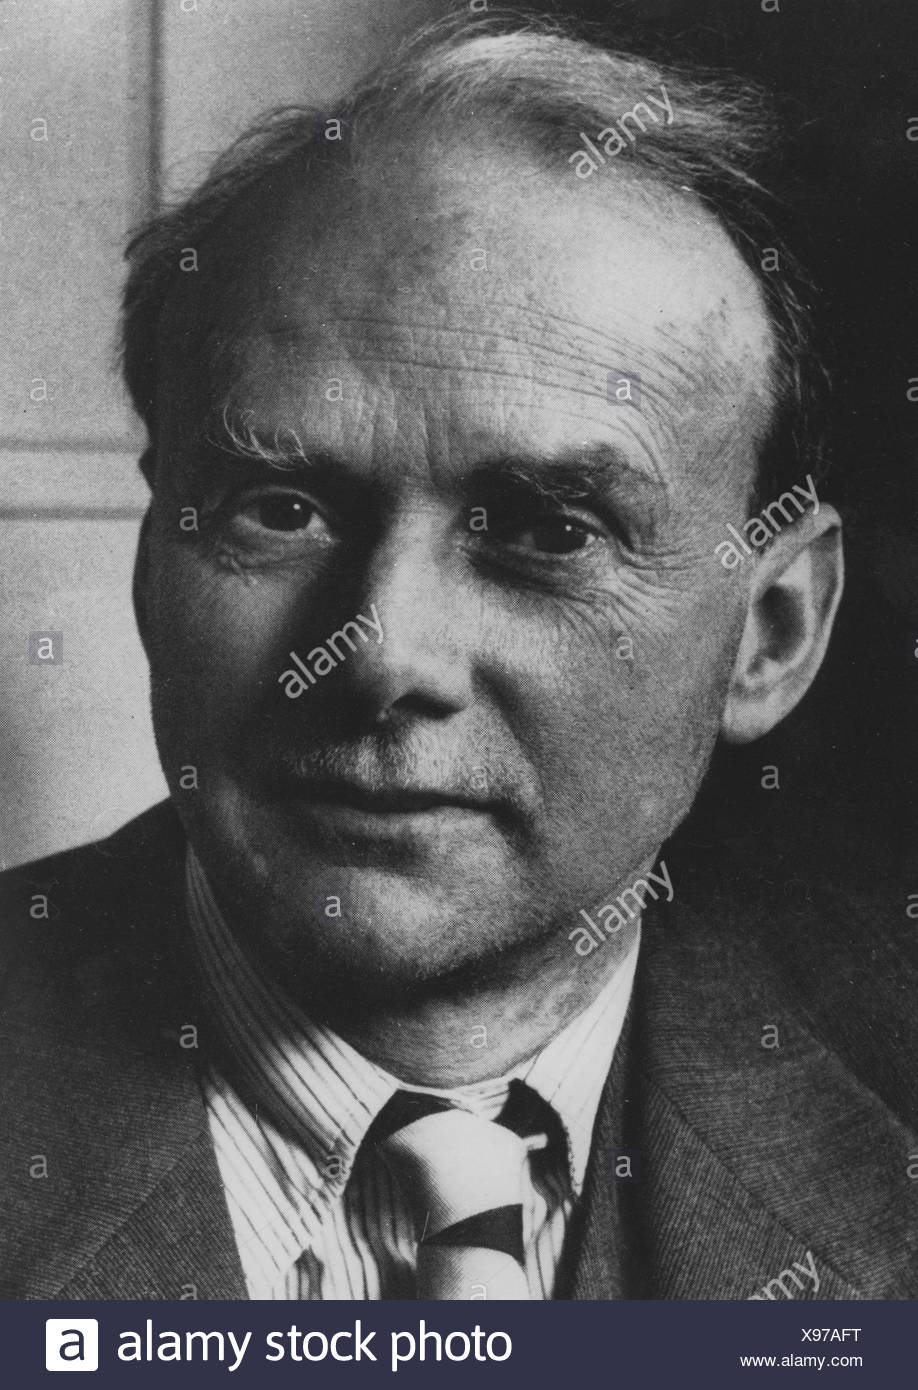 Paul Dirac Stock Photos & Paul Dirac Stock Images - Alamy